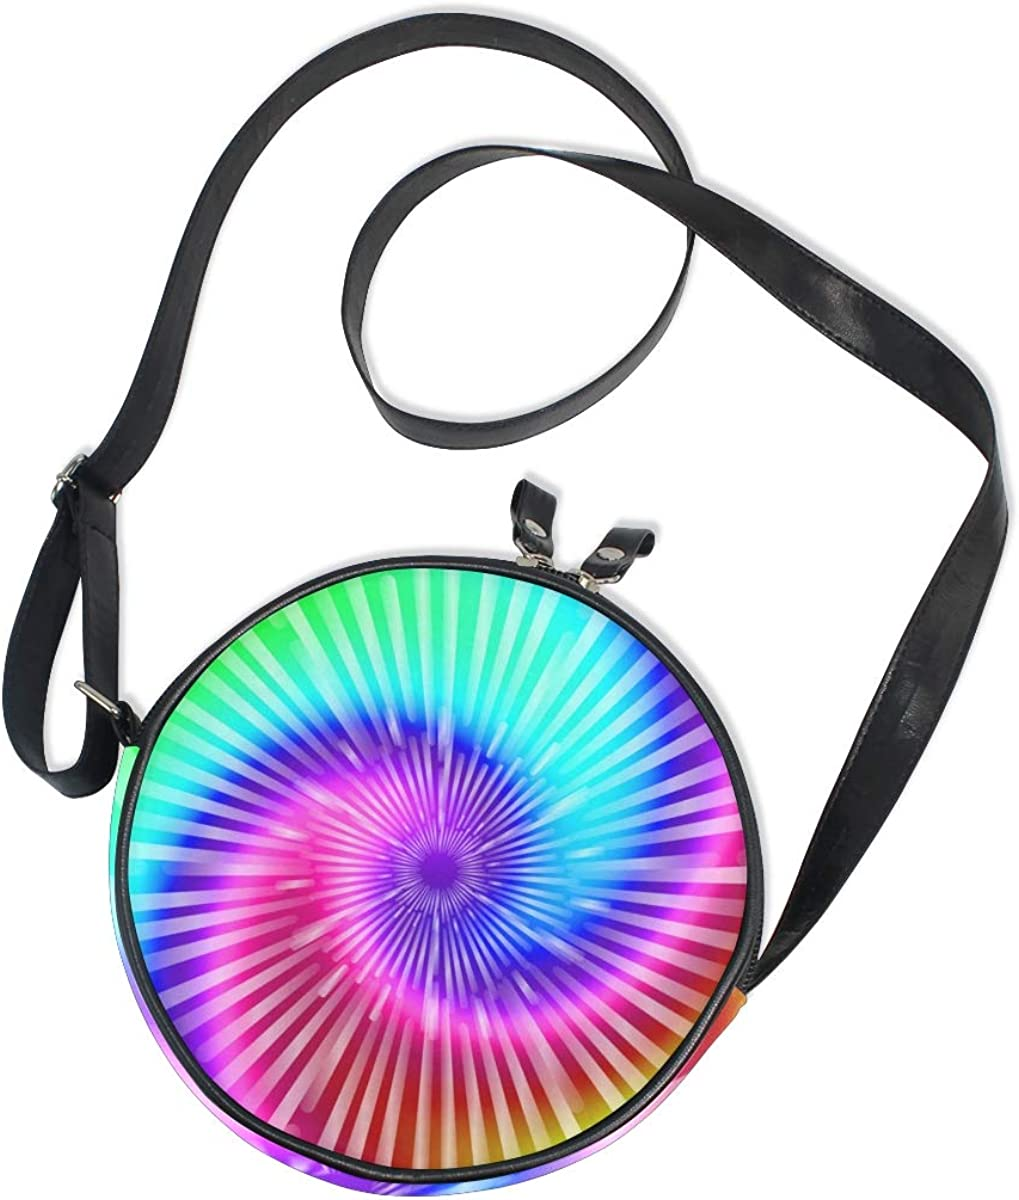 KEAKIA Tie Dye Colors Round Crossbody Bag Shoulder Sling Bag Handbag Purse Satchel Shoulder Bag for Kids Women